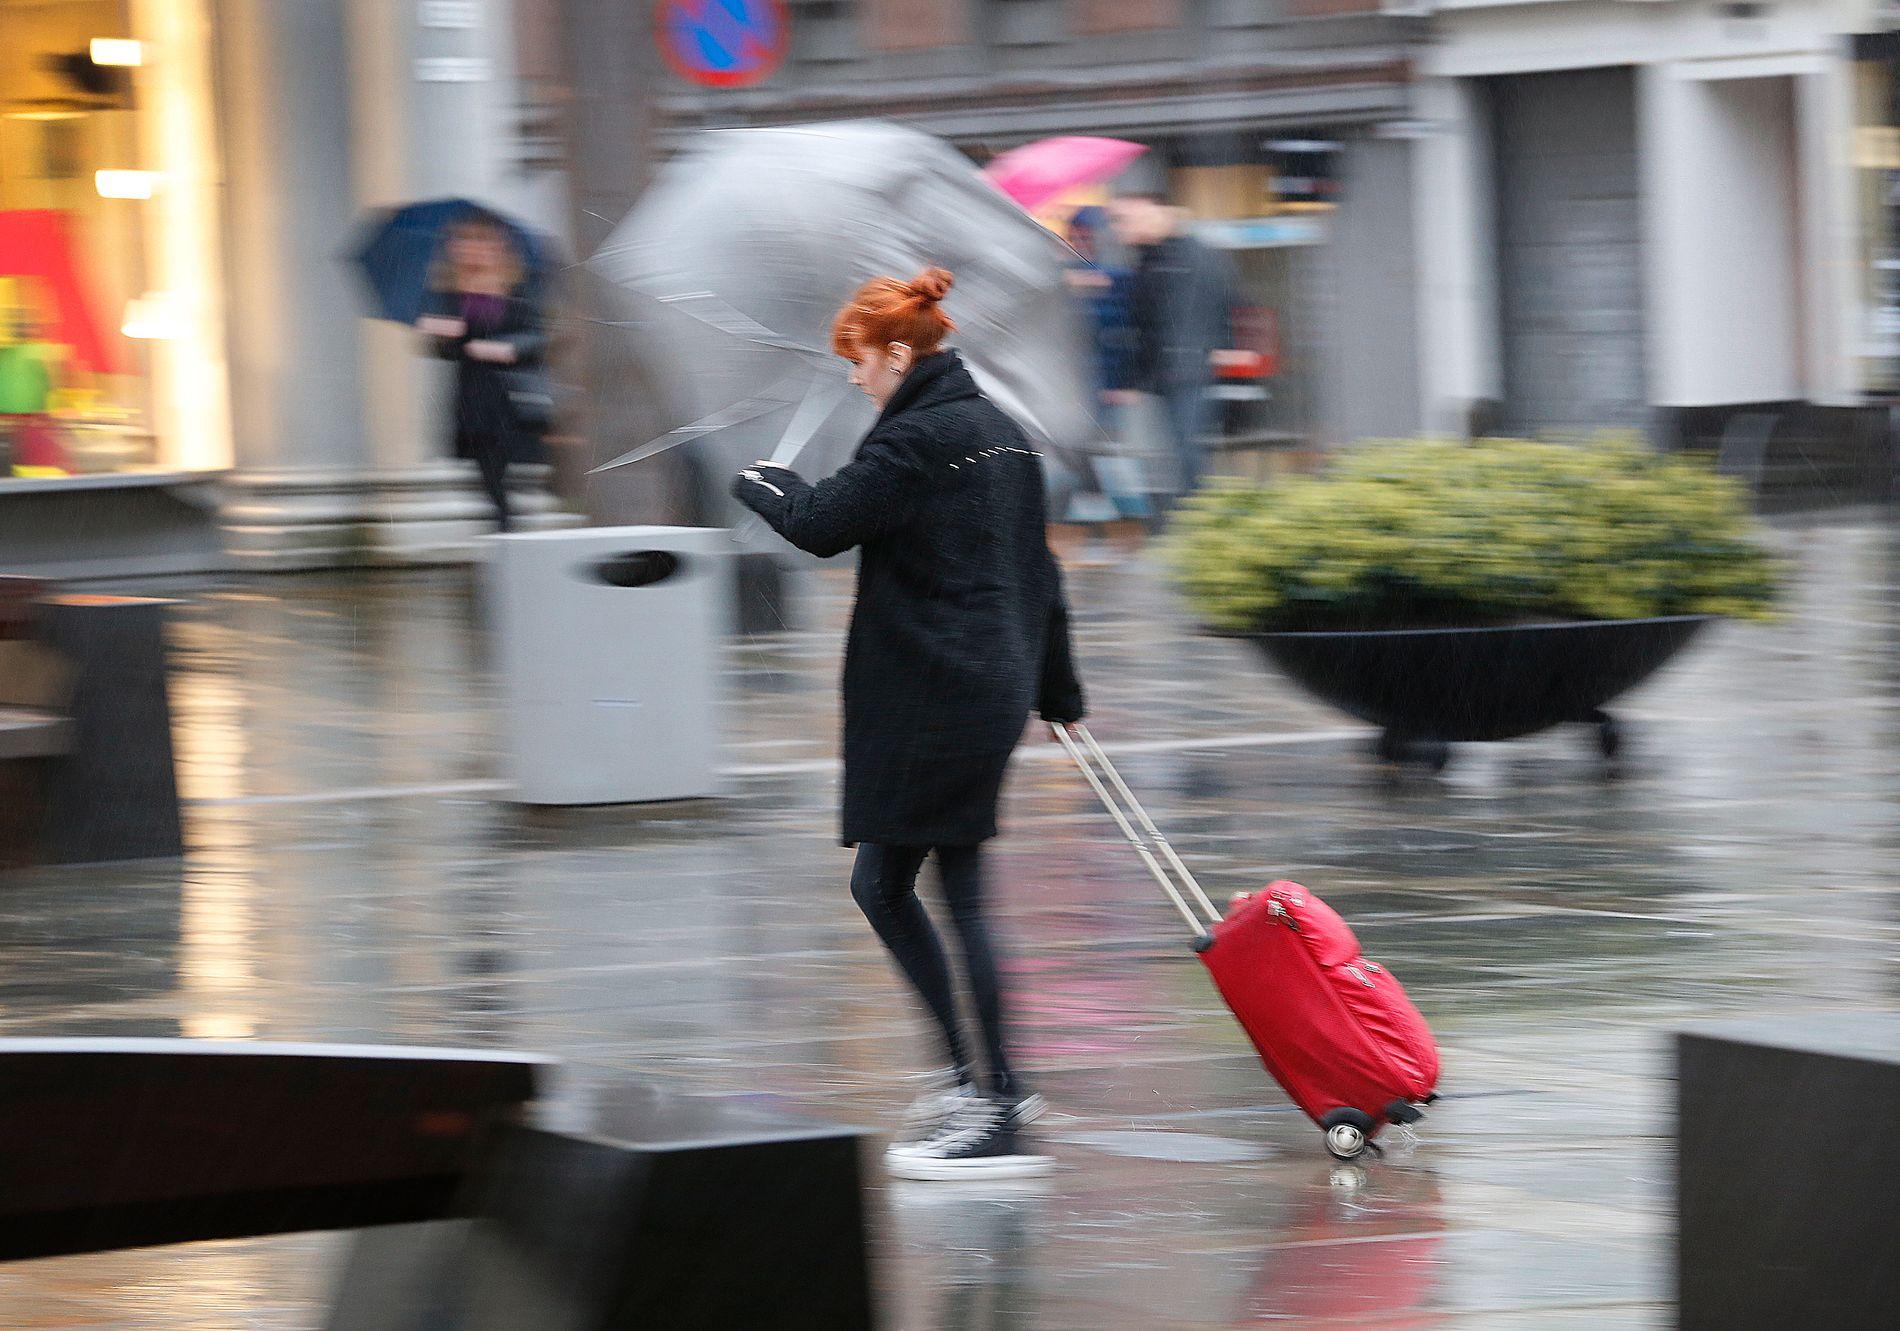 REGN OG VIND: Regnvær er ikke uvanlig på Torgallmenningen i Bergen, men det blir ekstra dårlig vær på nyttårsaften.